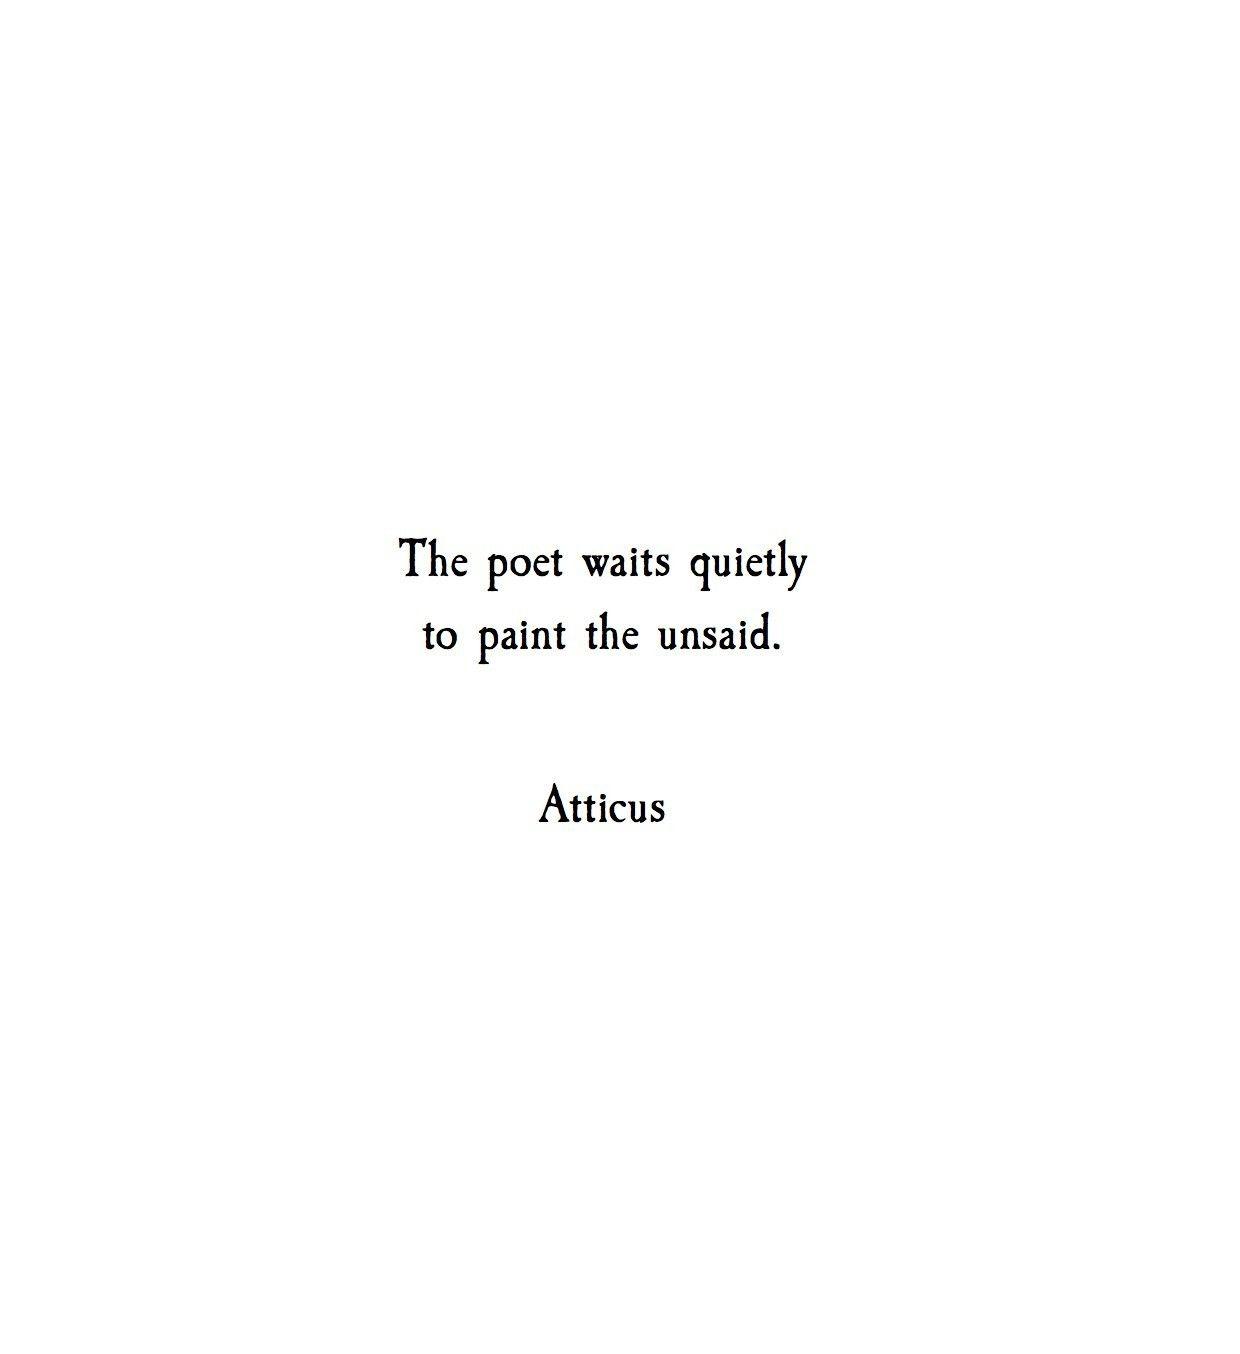 Poem Quotes | Unsaid Atticuspoetry Atticuspoetry Fav Atticus Pinterest